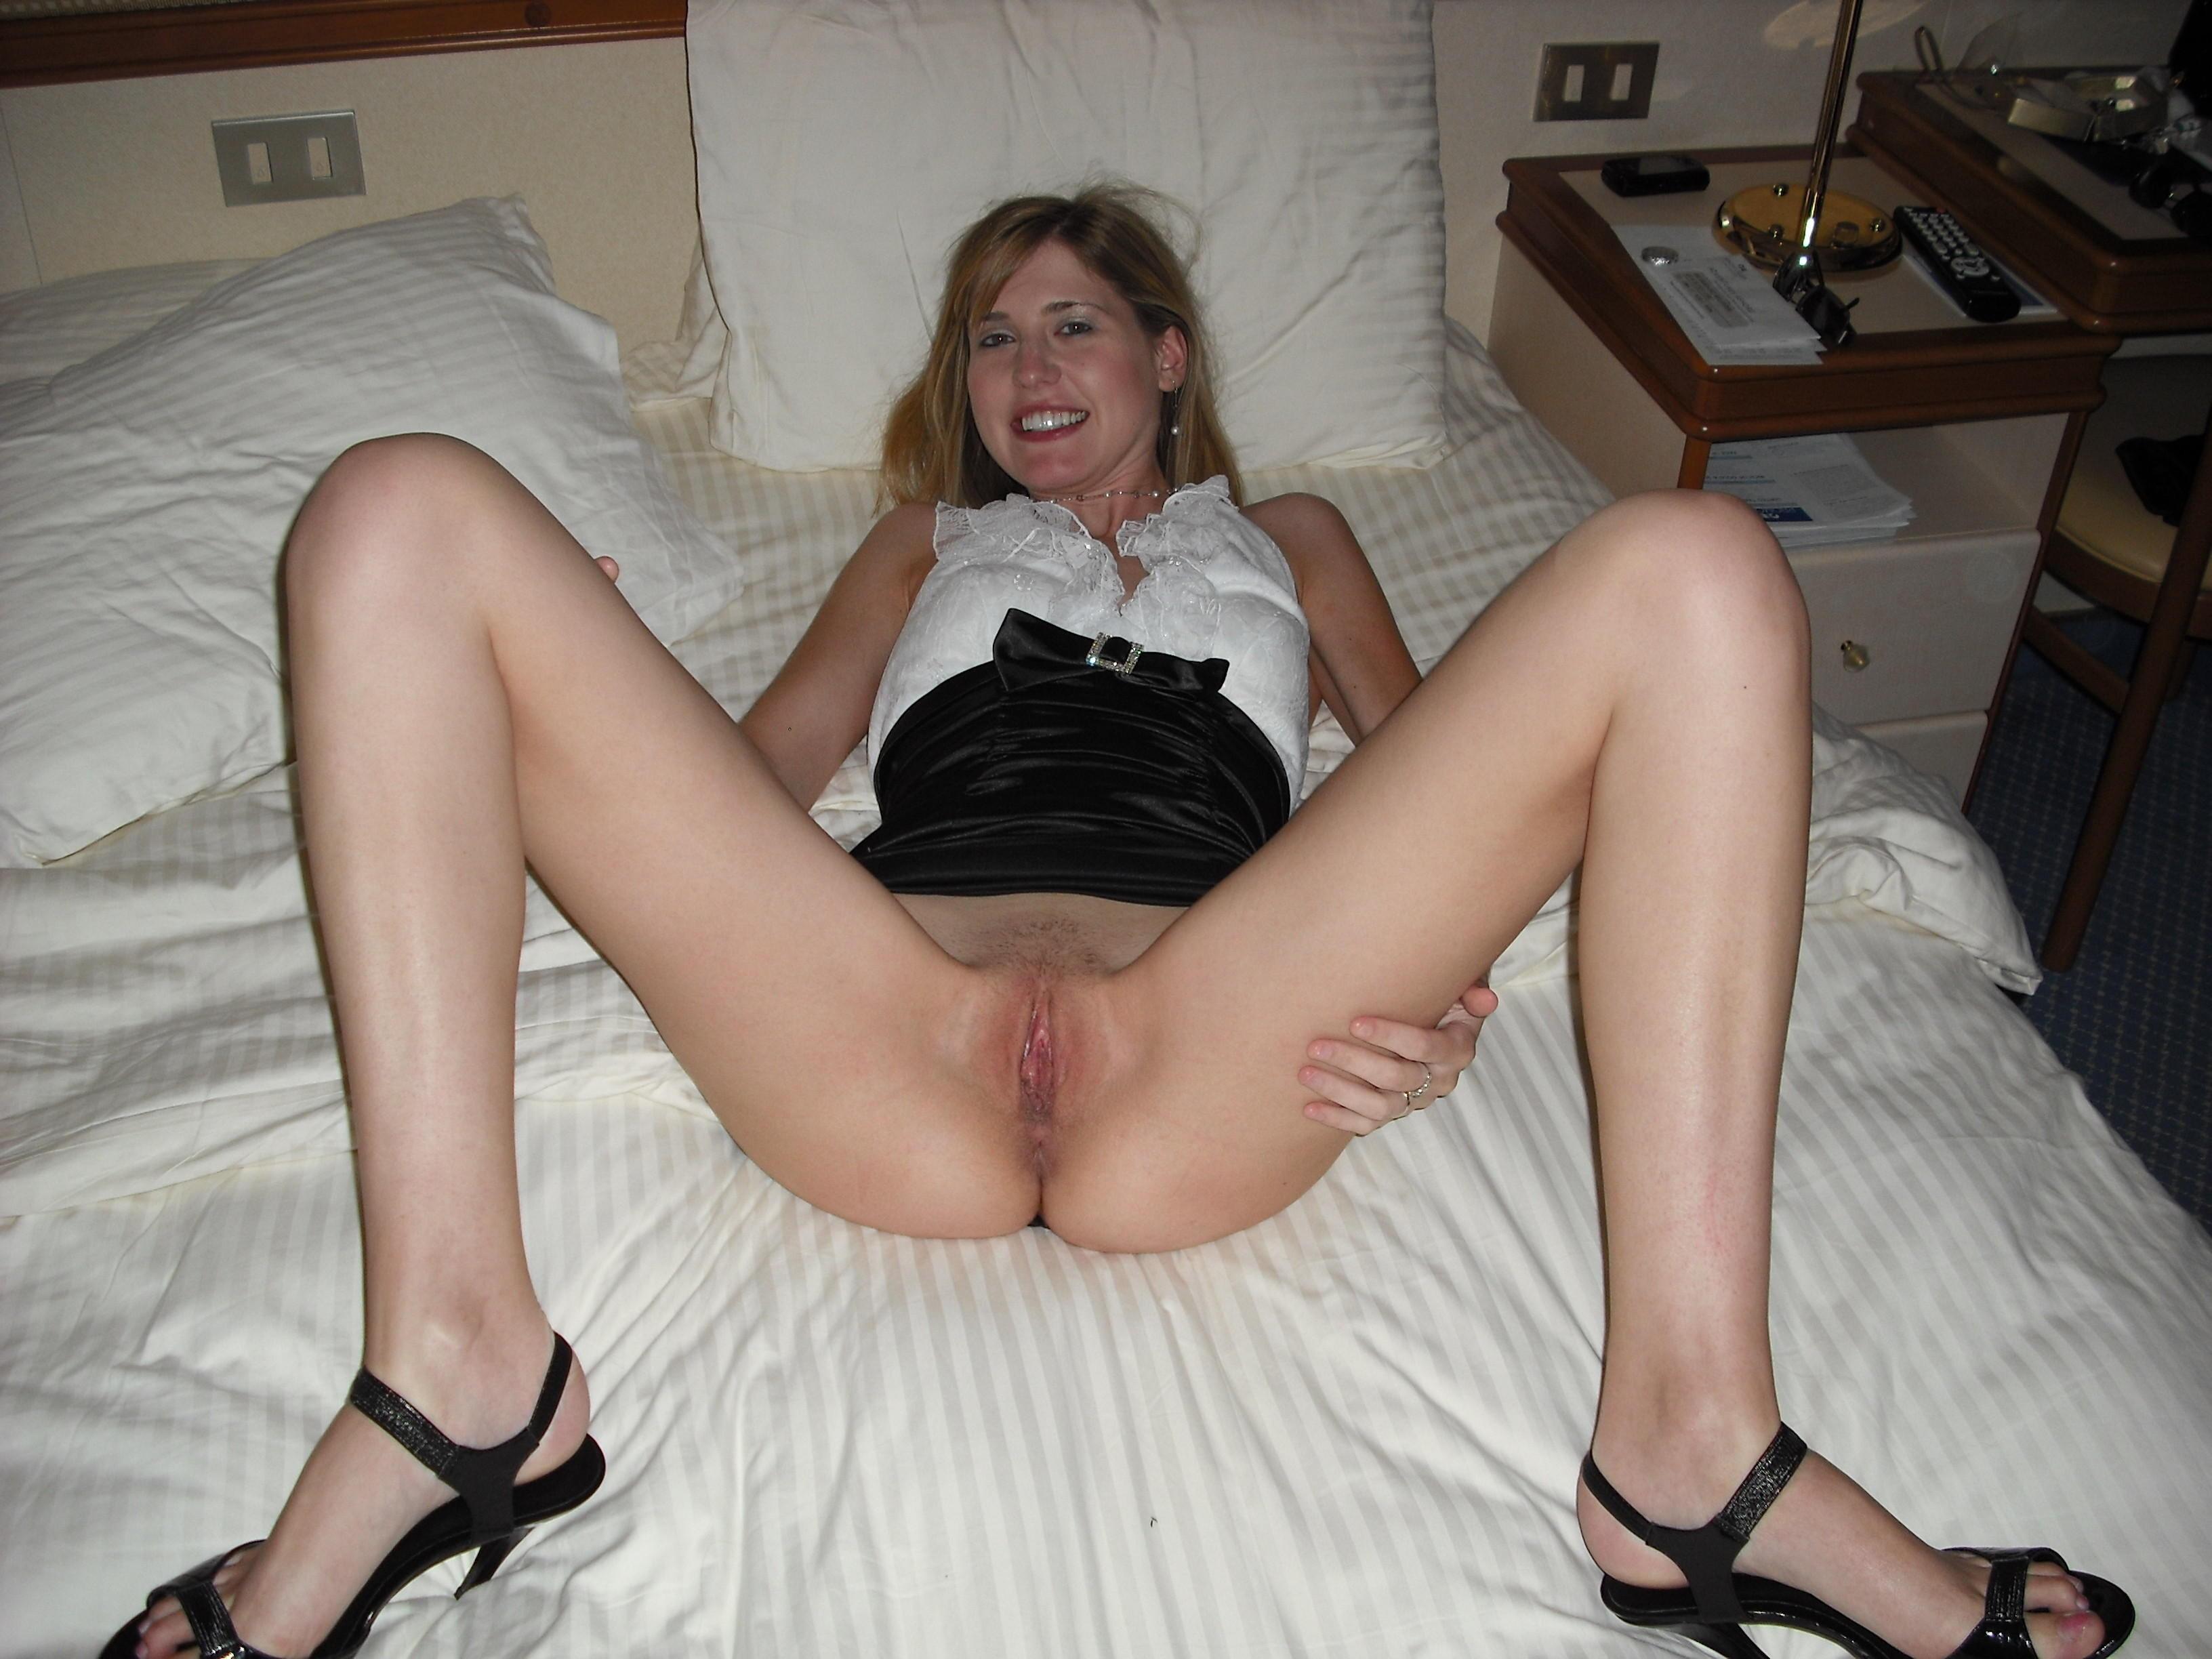 Slutty gf nude pussy posing